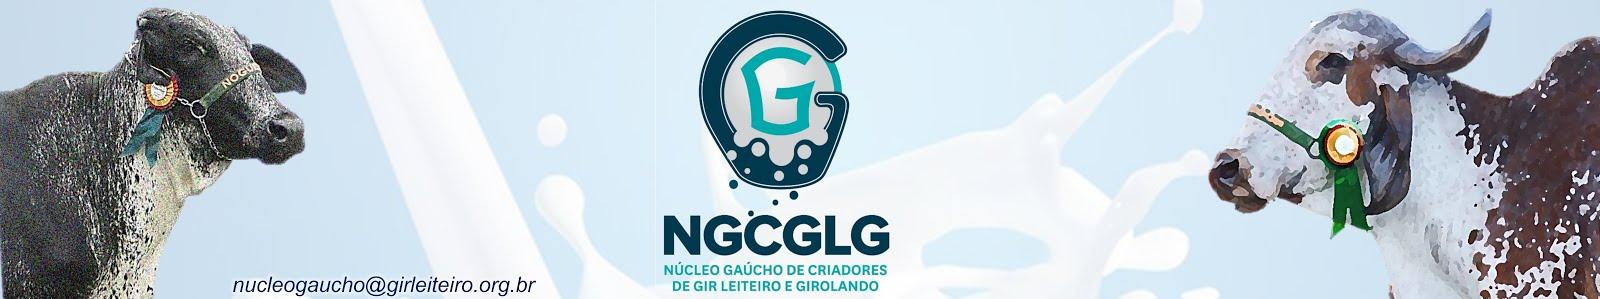 NÚCLEO GAÚCHO DE CRIADORES DE GIR LEITEIRO E GIROLANDO - NGCGLG